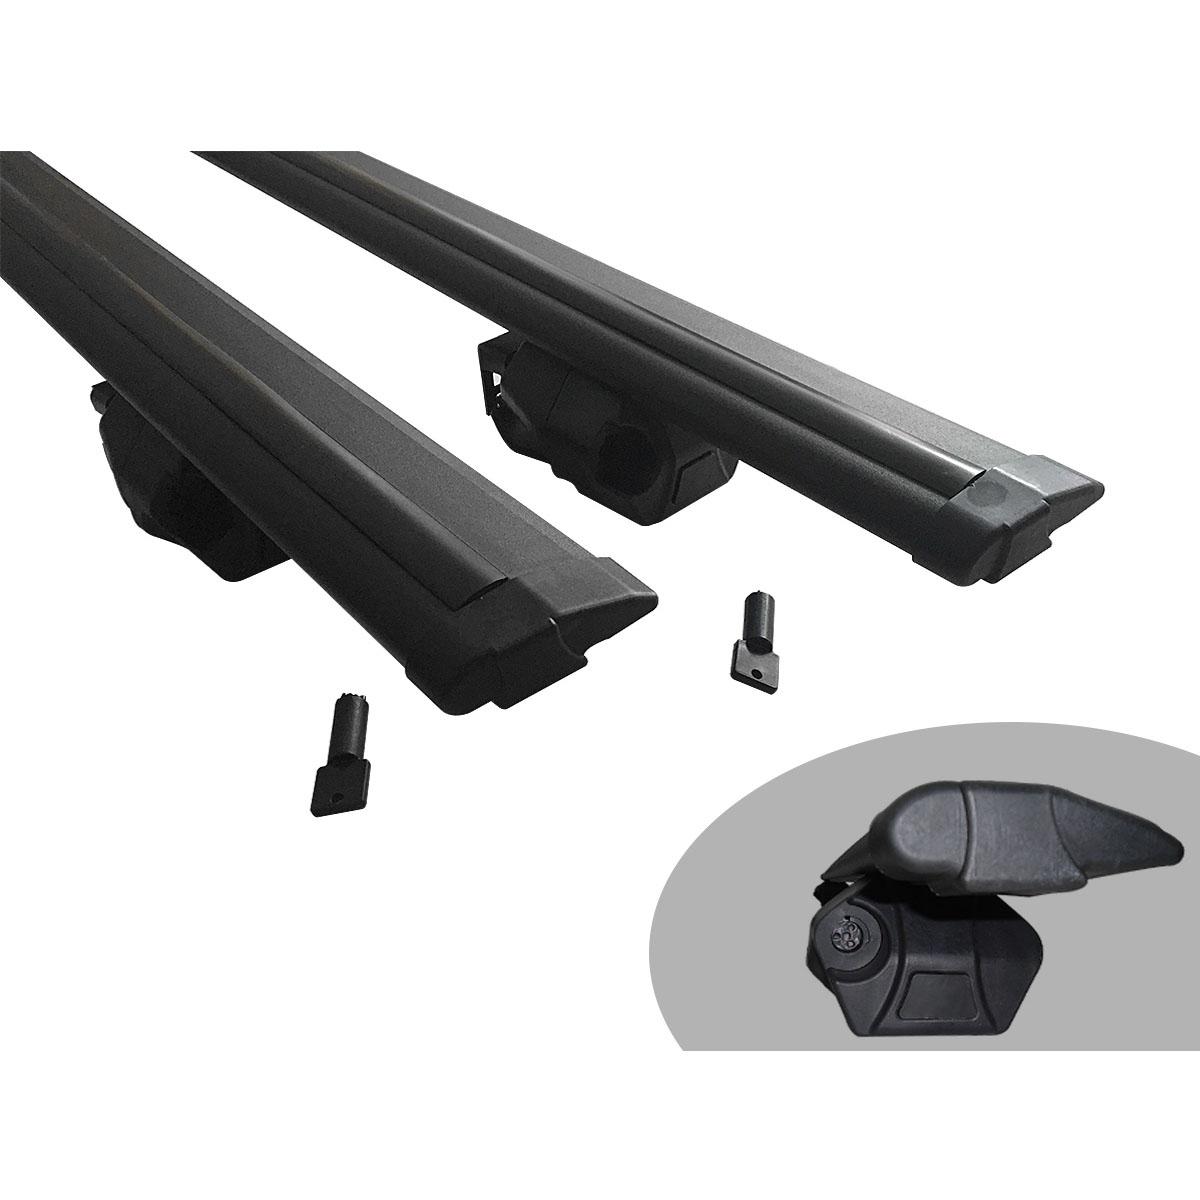 Travessa rack de teto Procargo preta HB20X 2014 a 2017 com trava de segurança